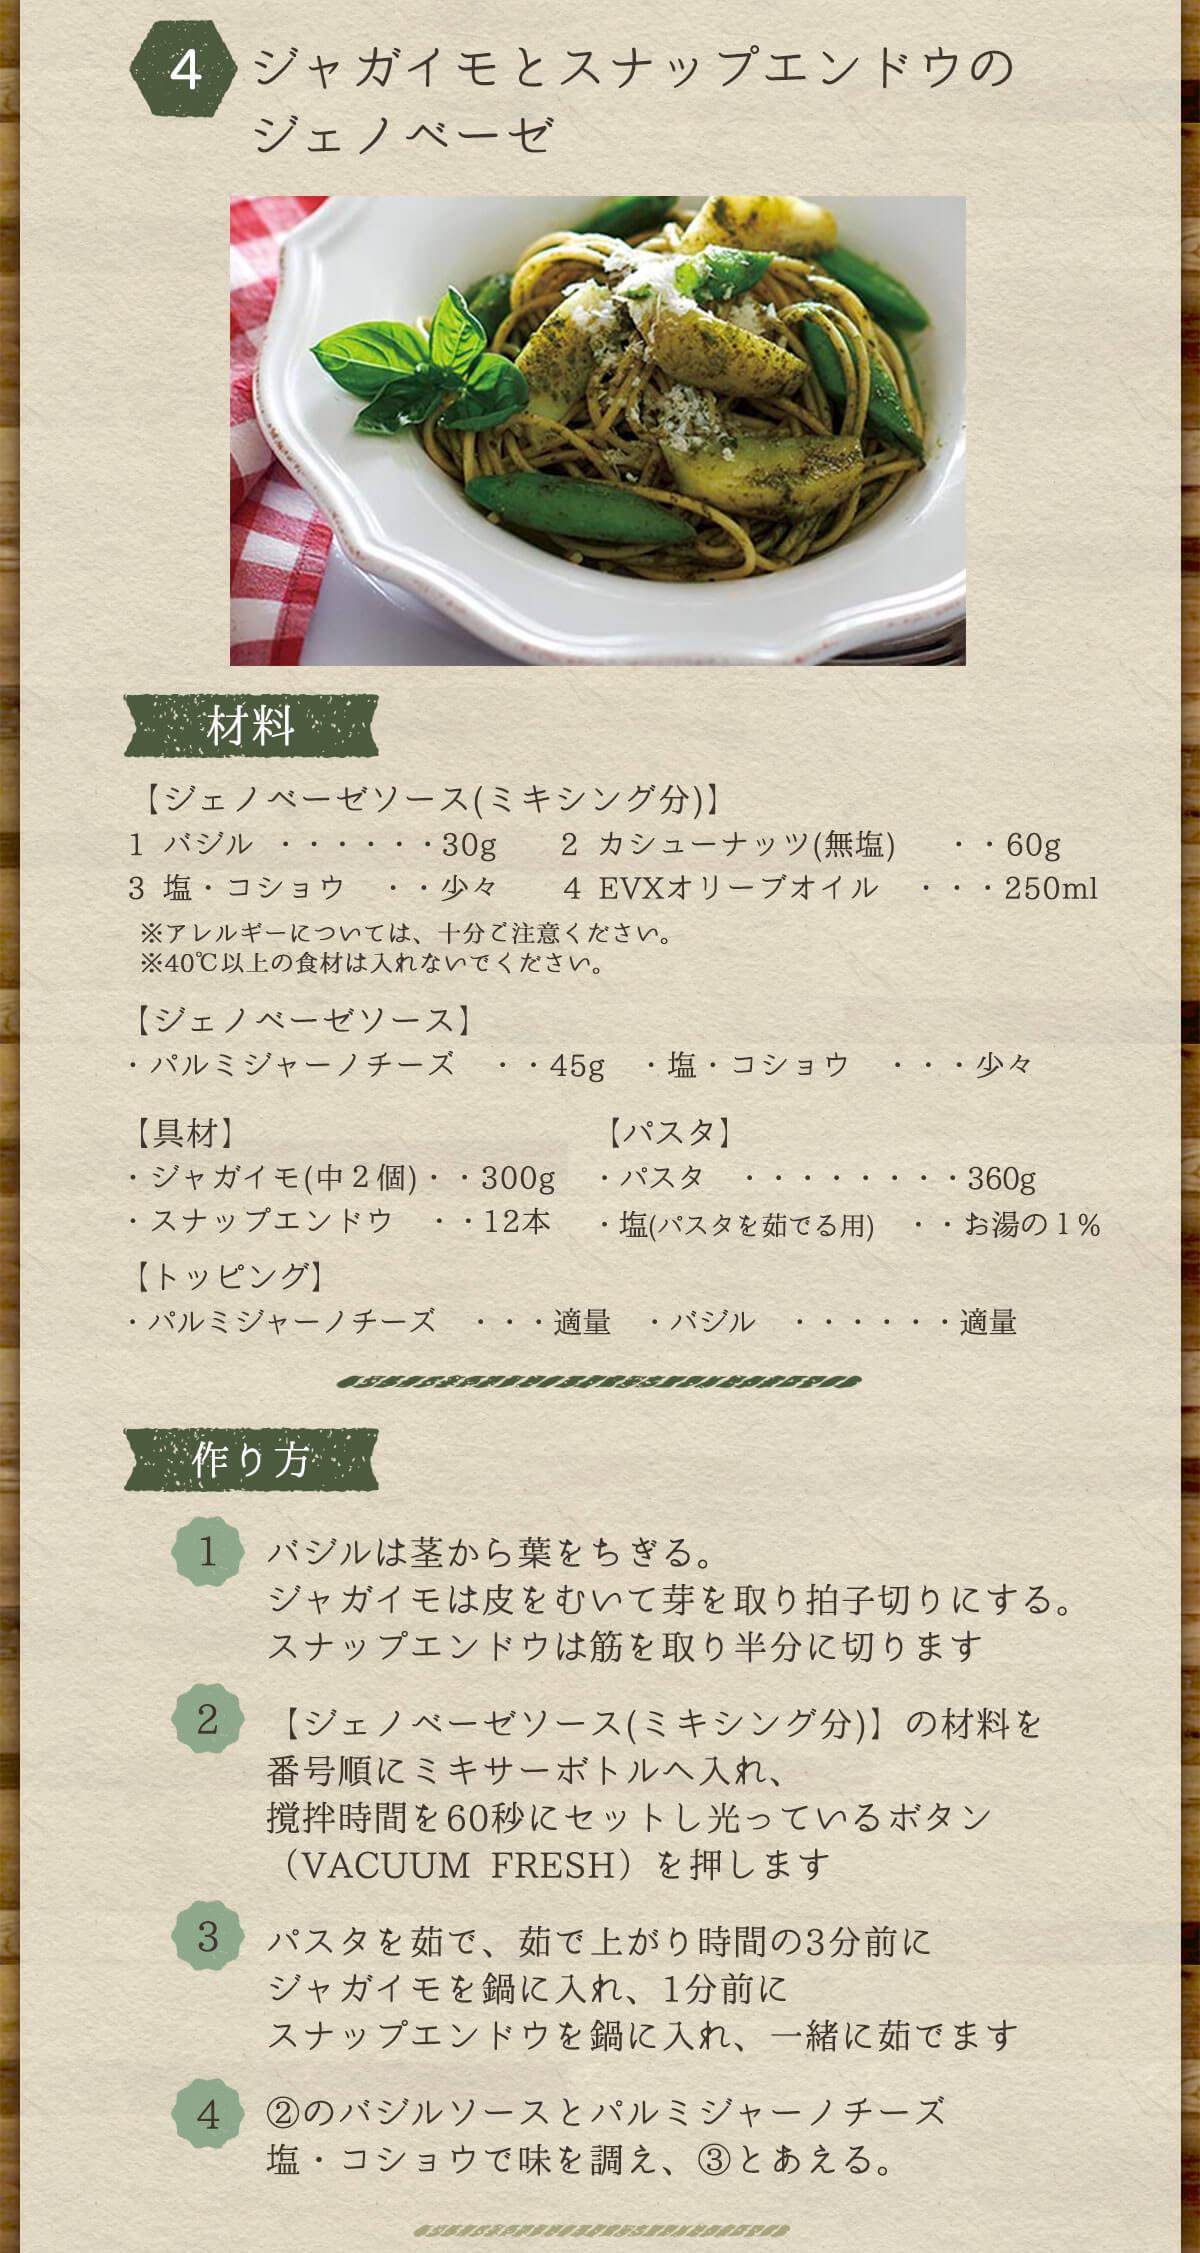 ジャガイモとスナップエンドウのジェノベーゼのレシピ